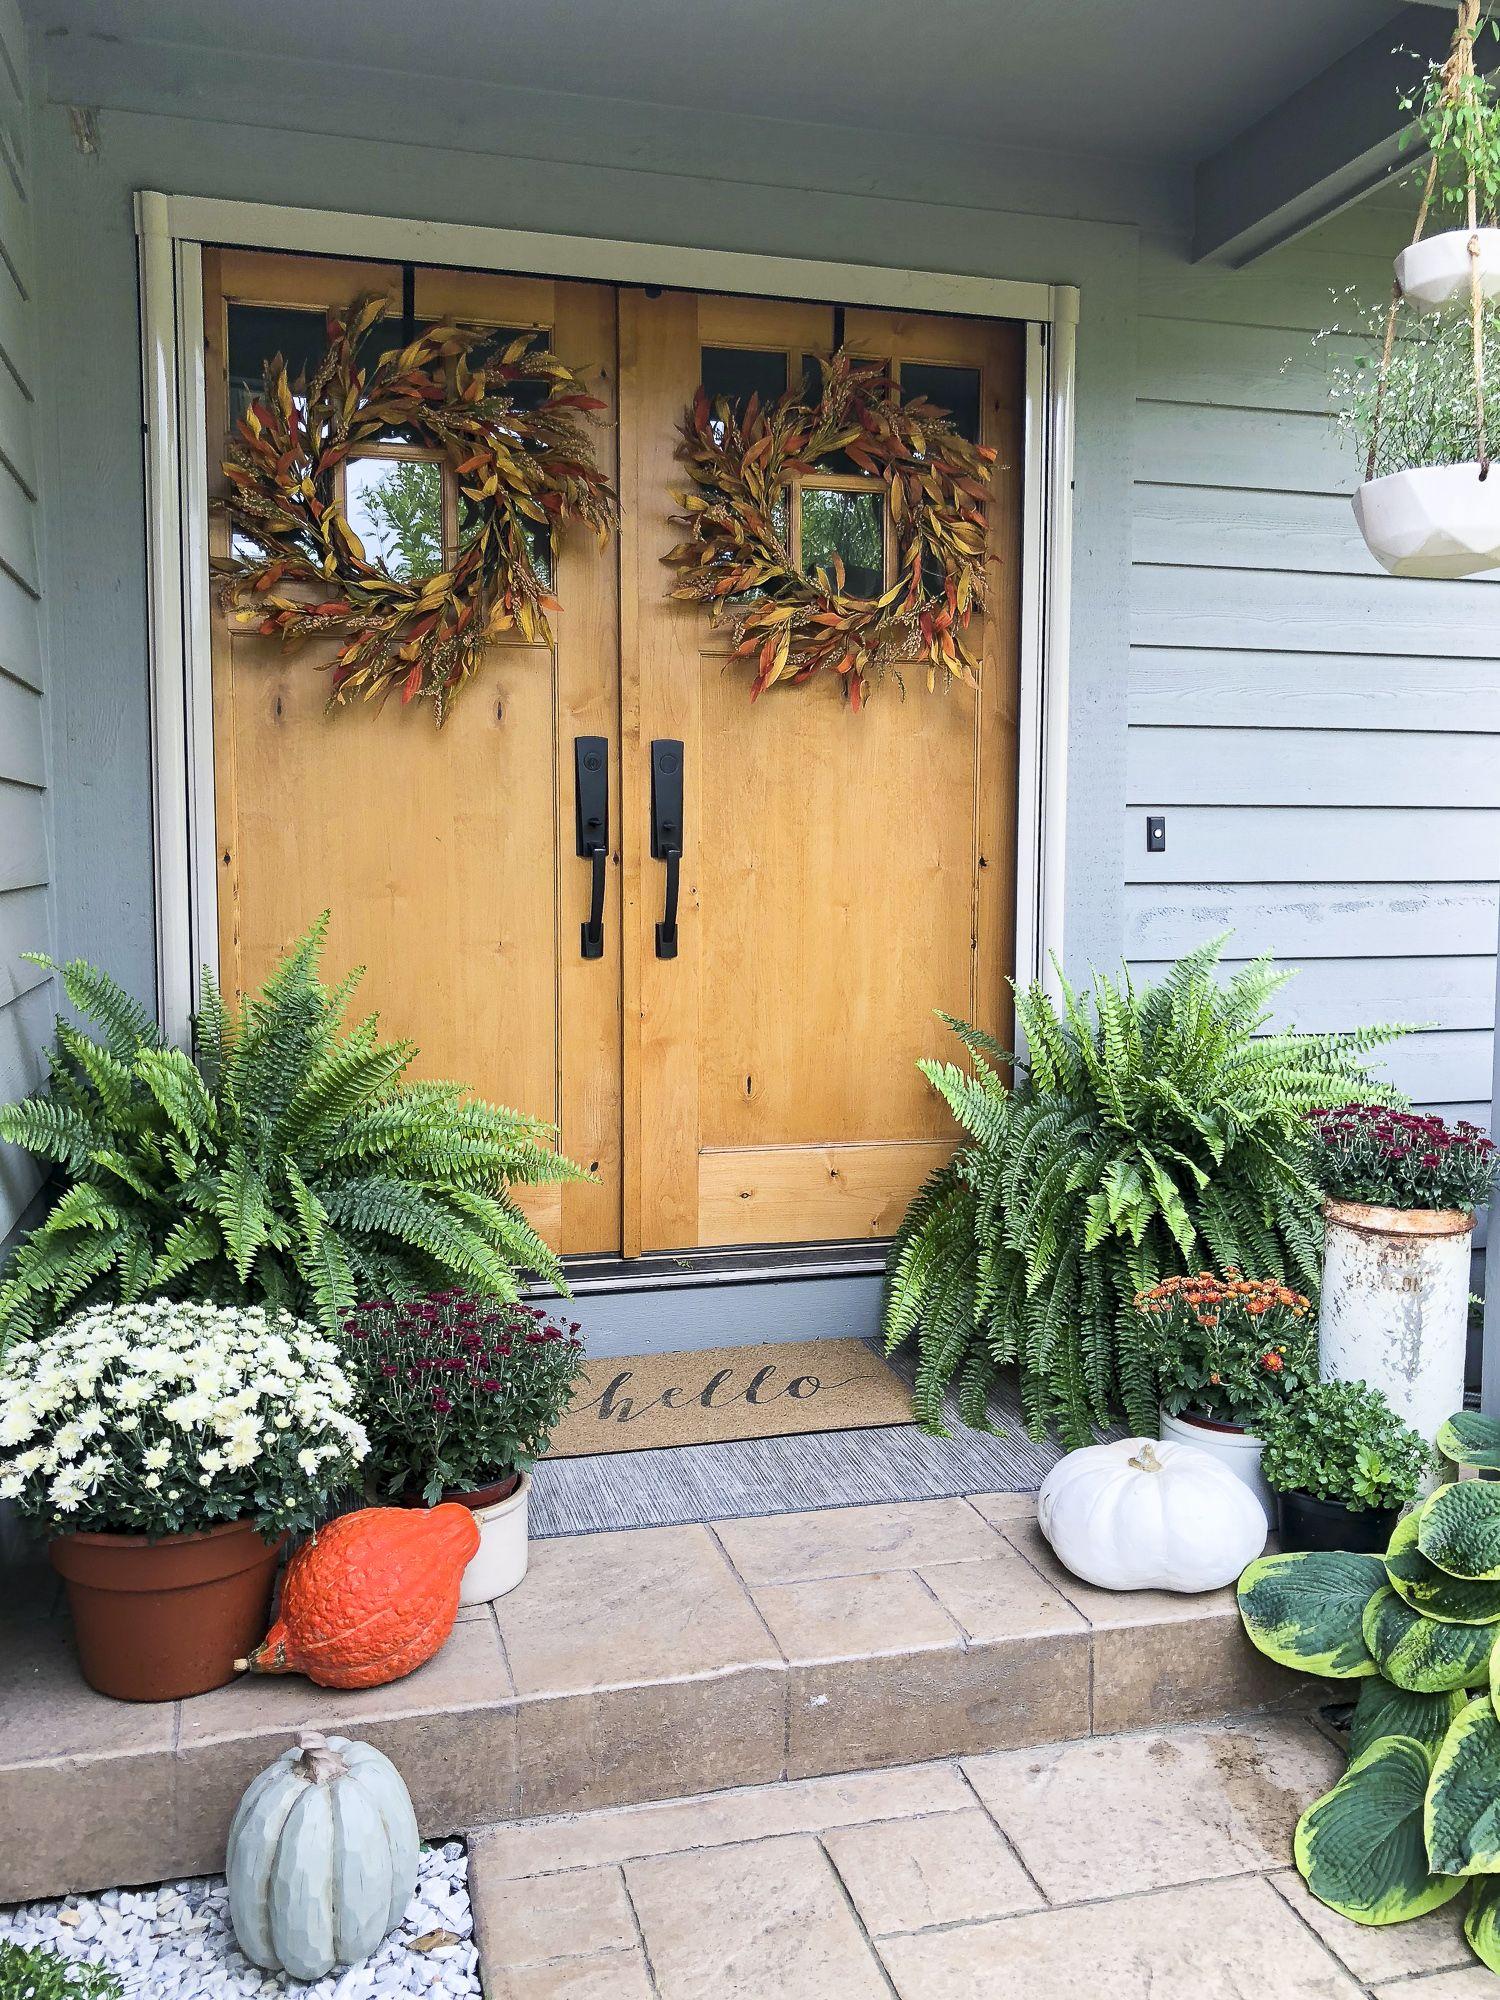 Simple Porch Entryway Fall Decor Fabulous Fall Homes Fall Outdoor Decor Autumn Home Entryway Decor